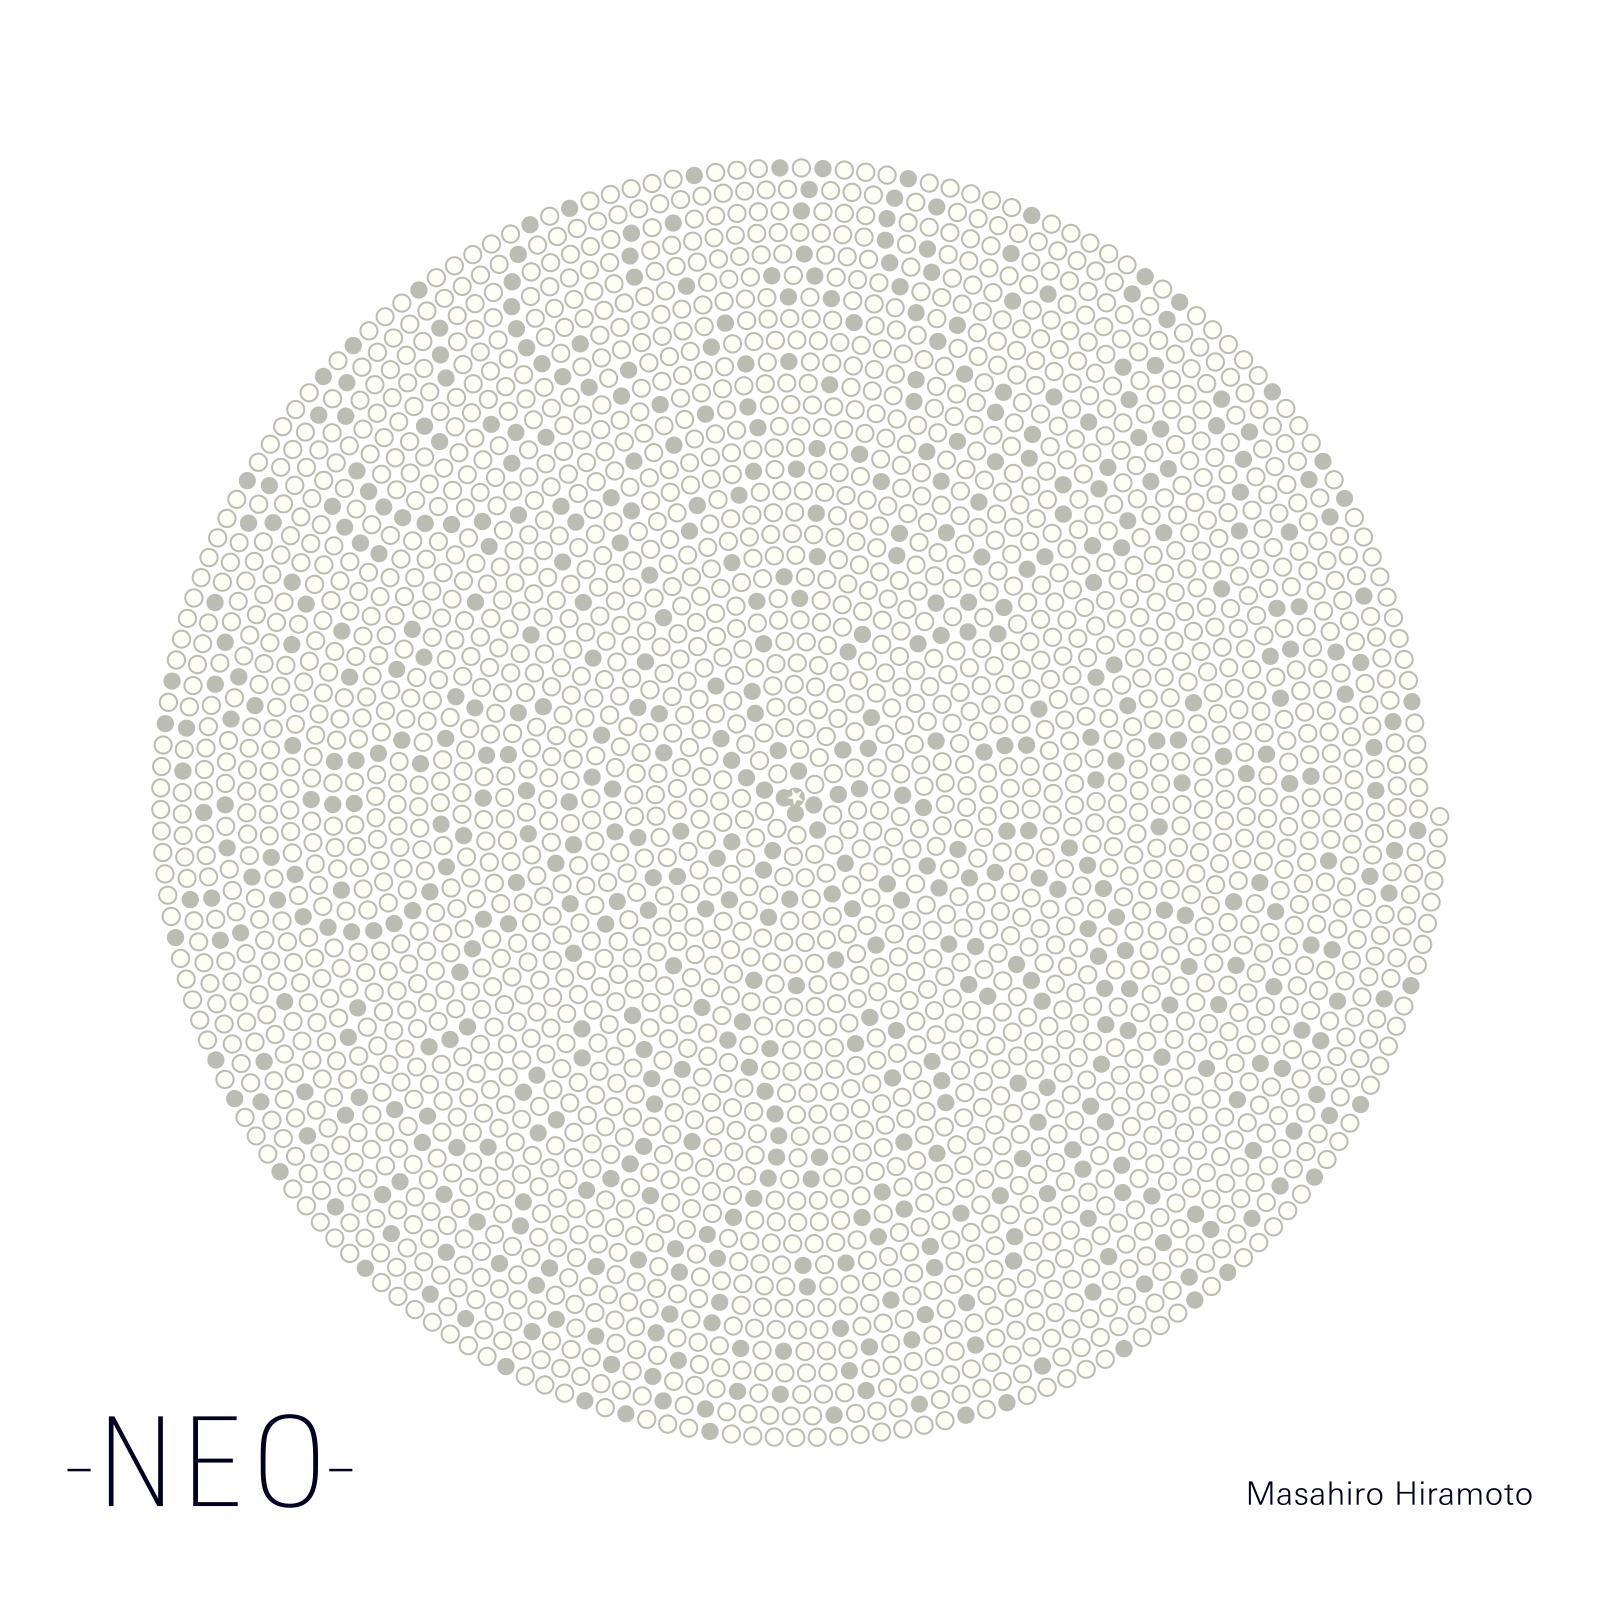 平本正宏 new album「-NEO-」発売になりました。